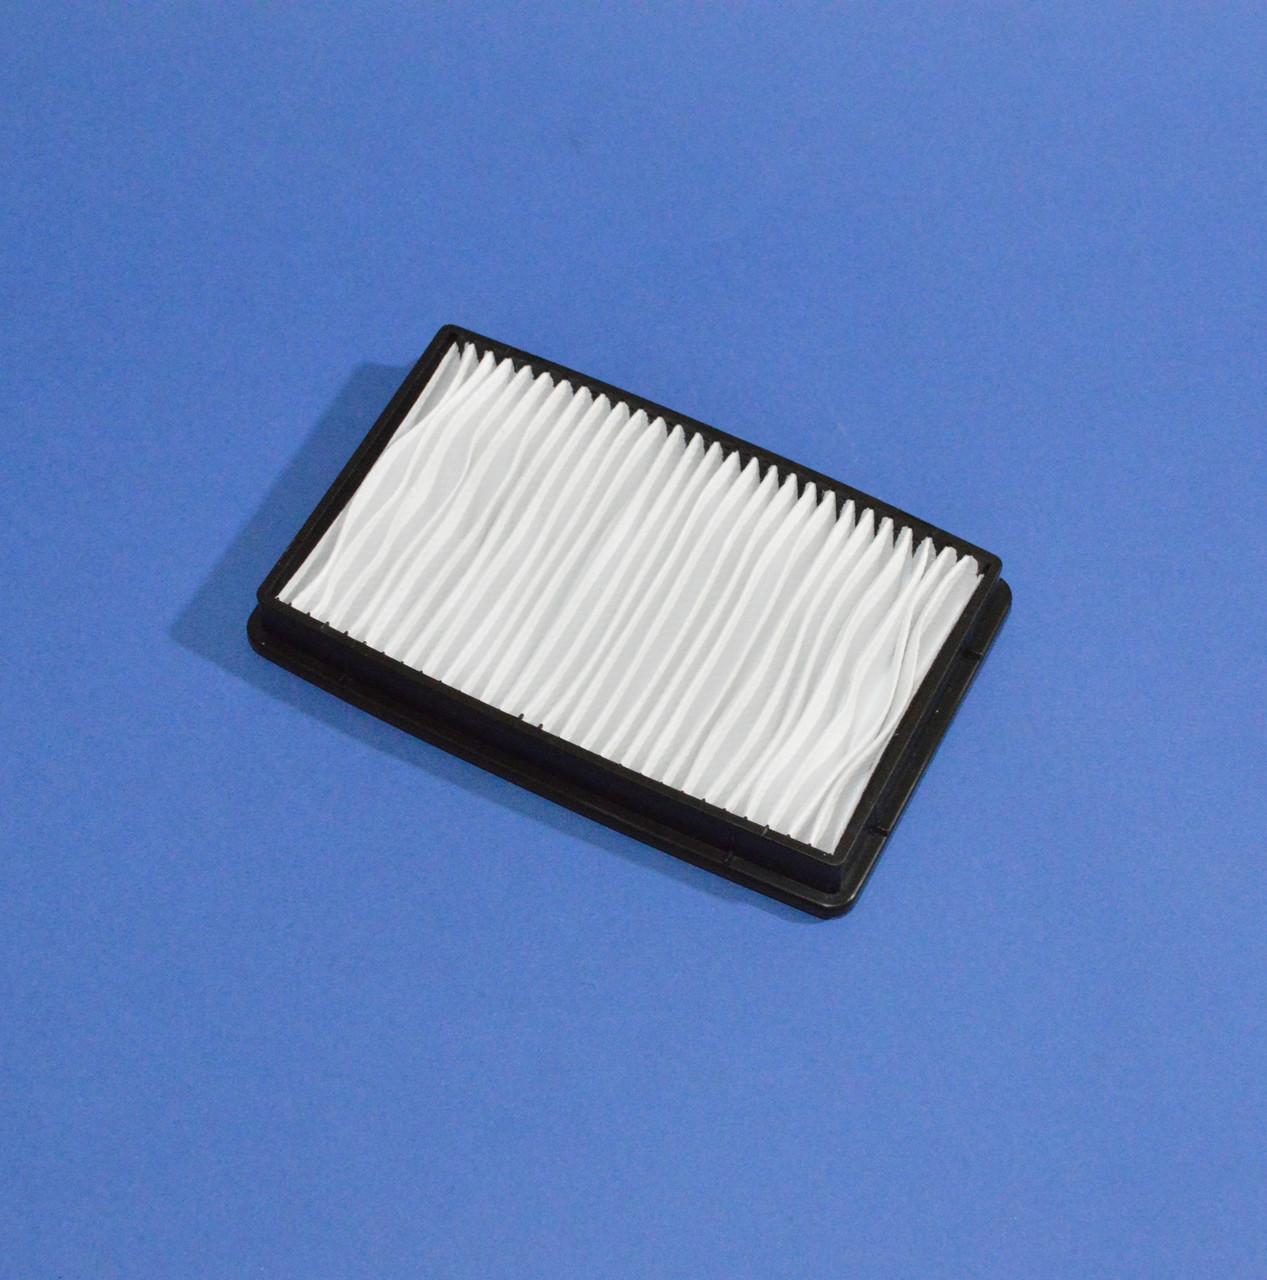 HEPA11 фильтр выходной для пылесоса Samsung VC-MBU910 DJ97-00788A (DJ63-00433A)